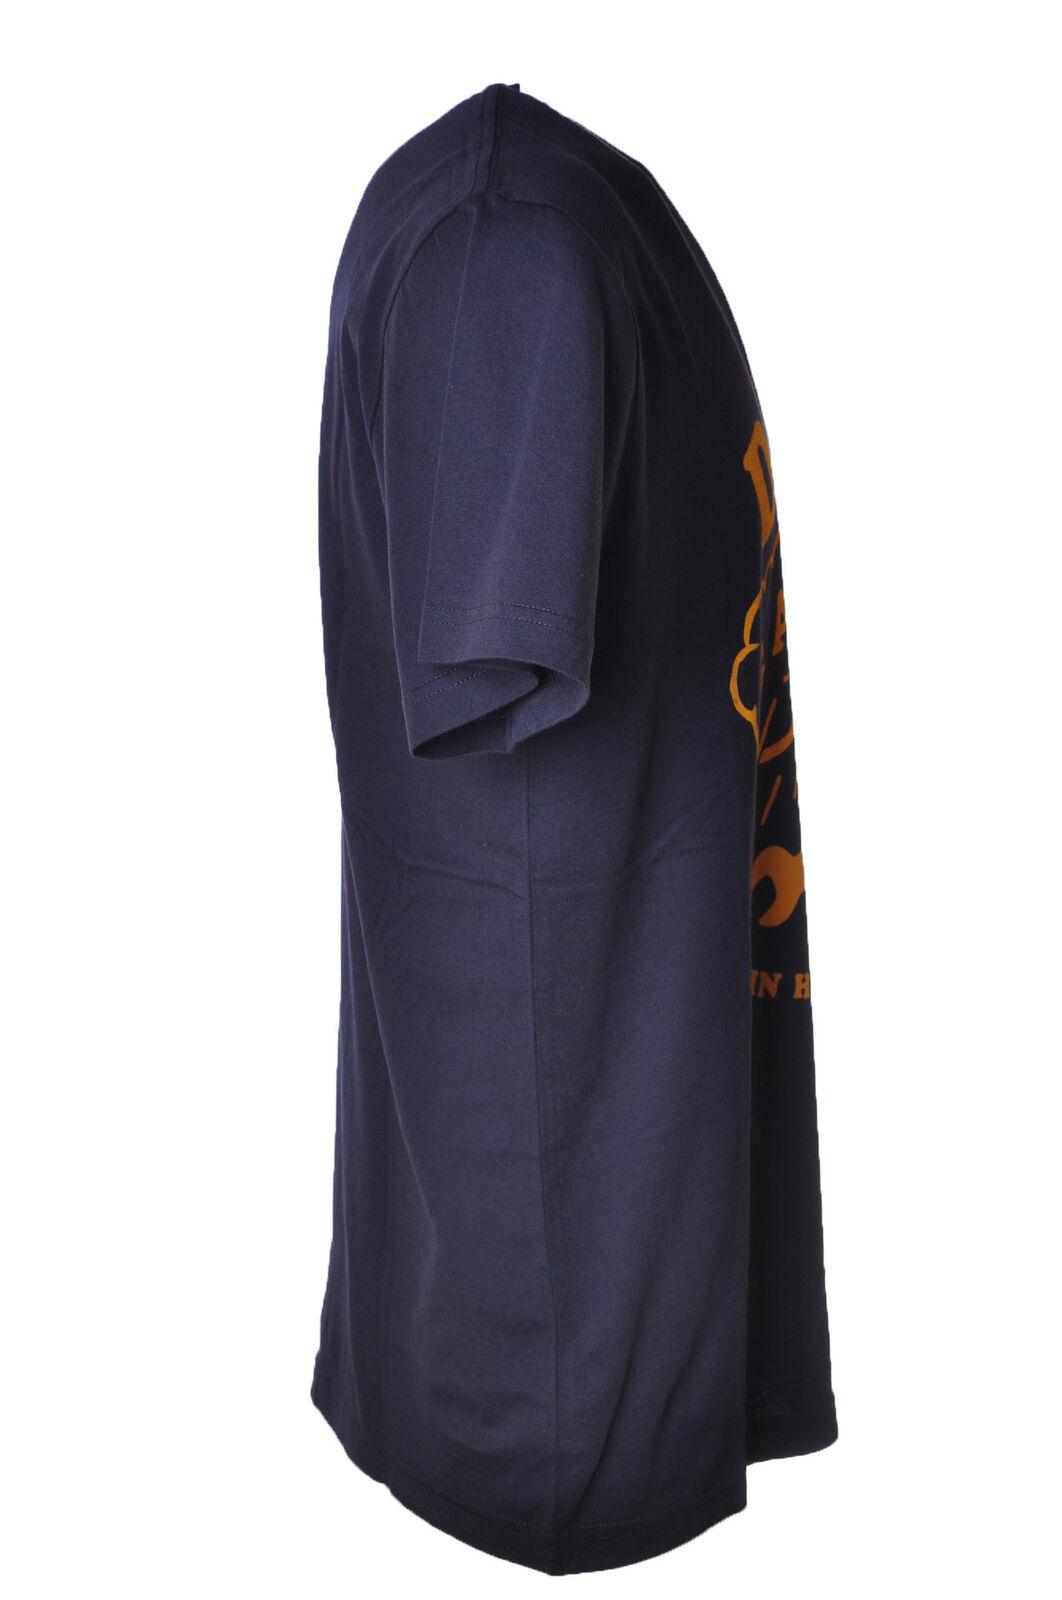 Deus - Topwear-T-shirts - - - Uomo - Blu - 4398402C184115 6c1cd0